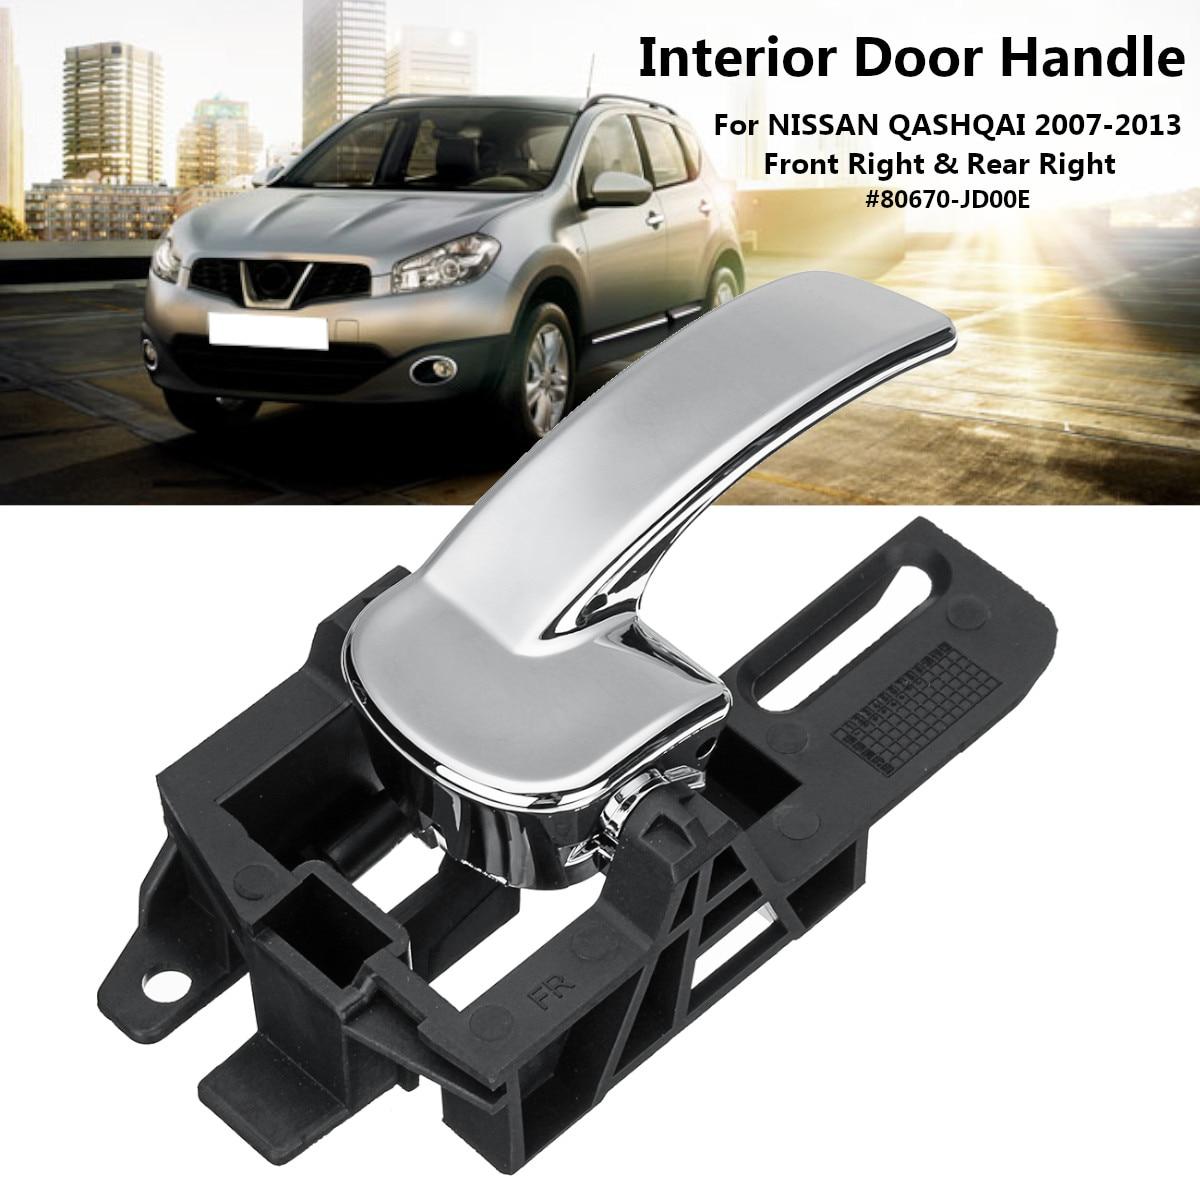 Left+Right Car Interior Door Handle For NISSAN QASHQAI 2007-2013 80670-JD00E / 80670JD00E 80671-JD00E хромовые накладки для авто for nissan qashqai 2007 2013 nissan qashqai 2007 2013